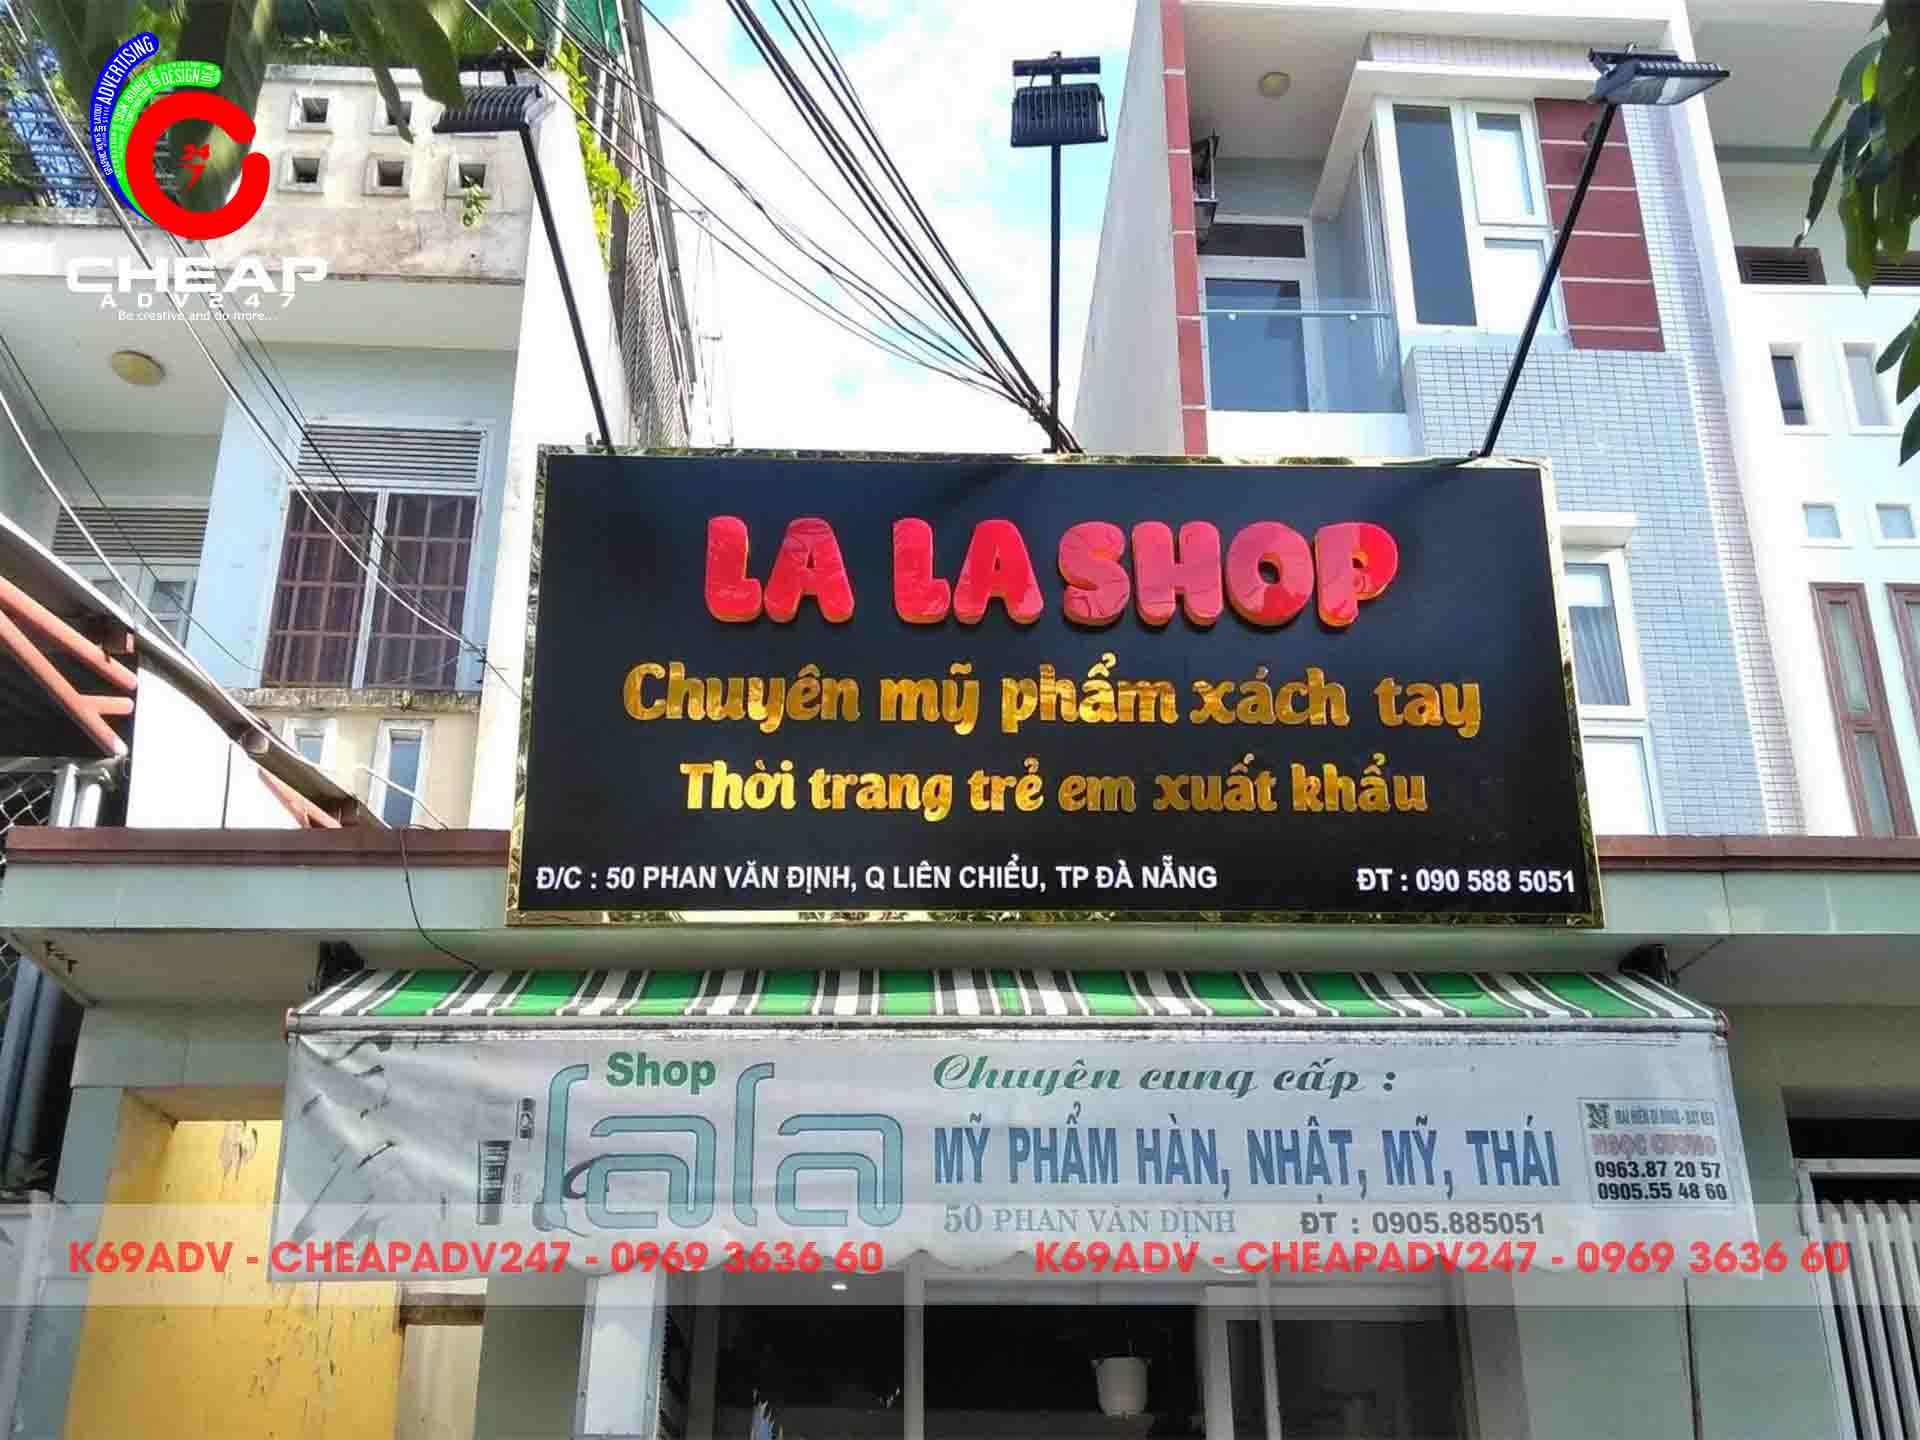 lam bang hieu shop cheapadv2471 1